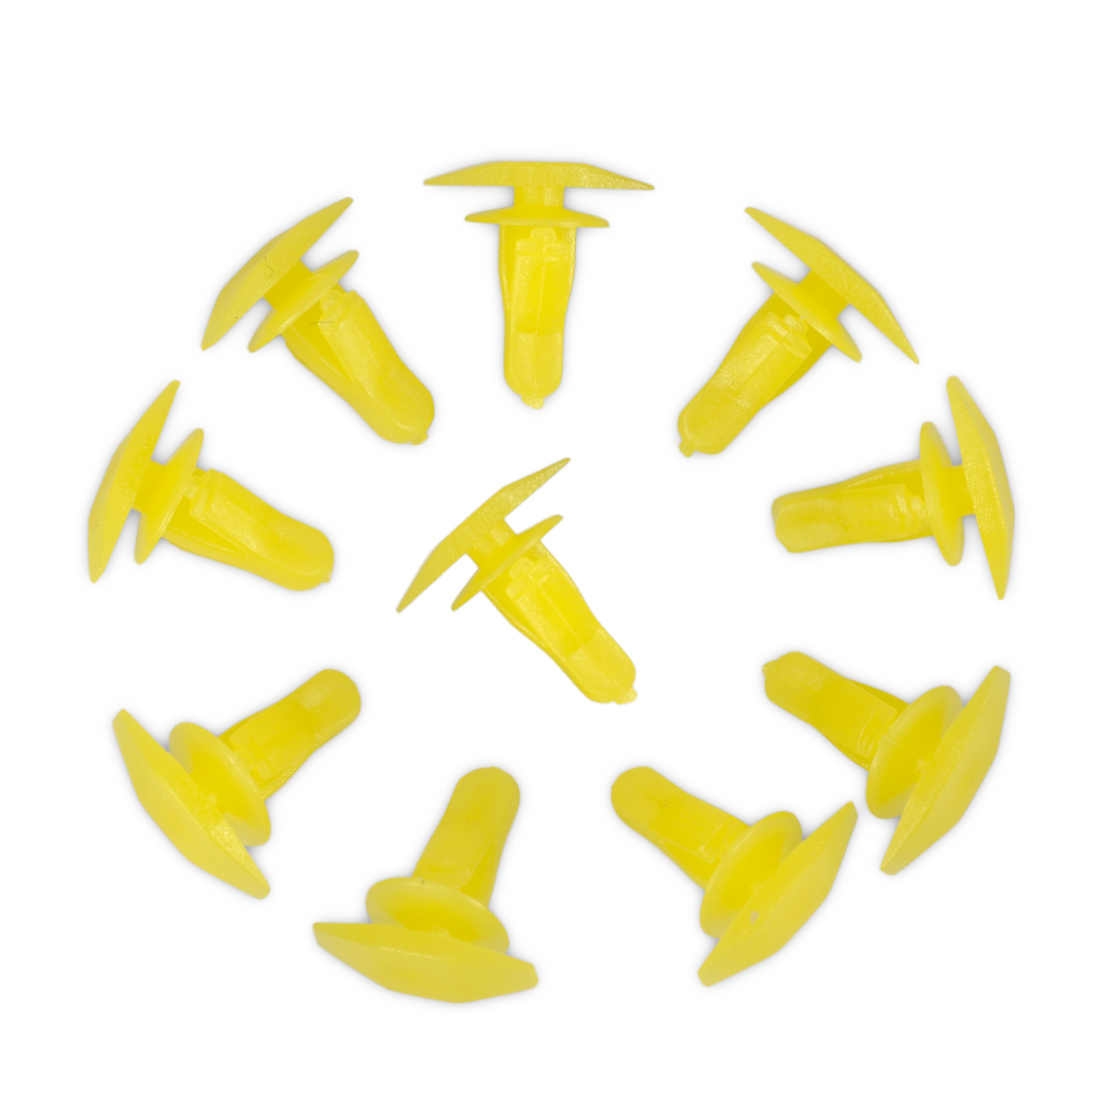 CITALL 10 adet 91530-SP1-003 Sarı Kauçuk Weatherstrip Kapı ve Çizme Mühür Klipleri s 6mm Delik Honda Accord Civic için CRV Acura 3.5RL